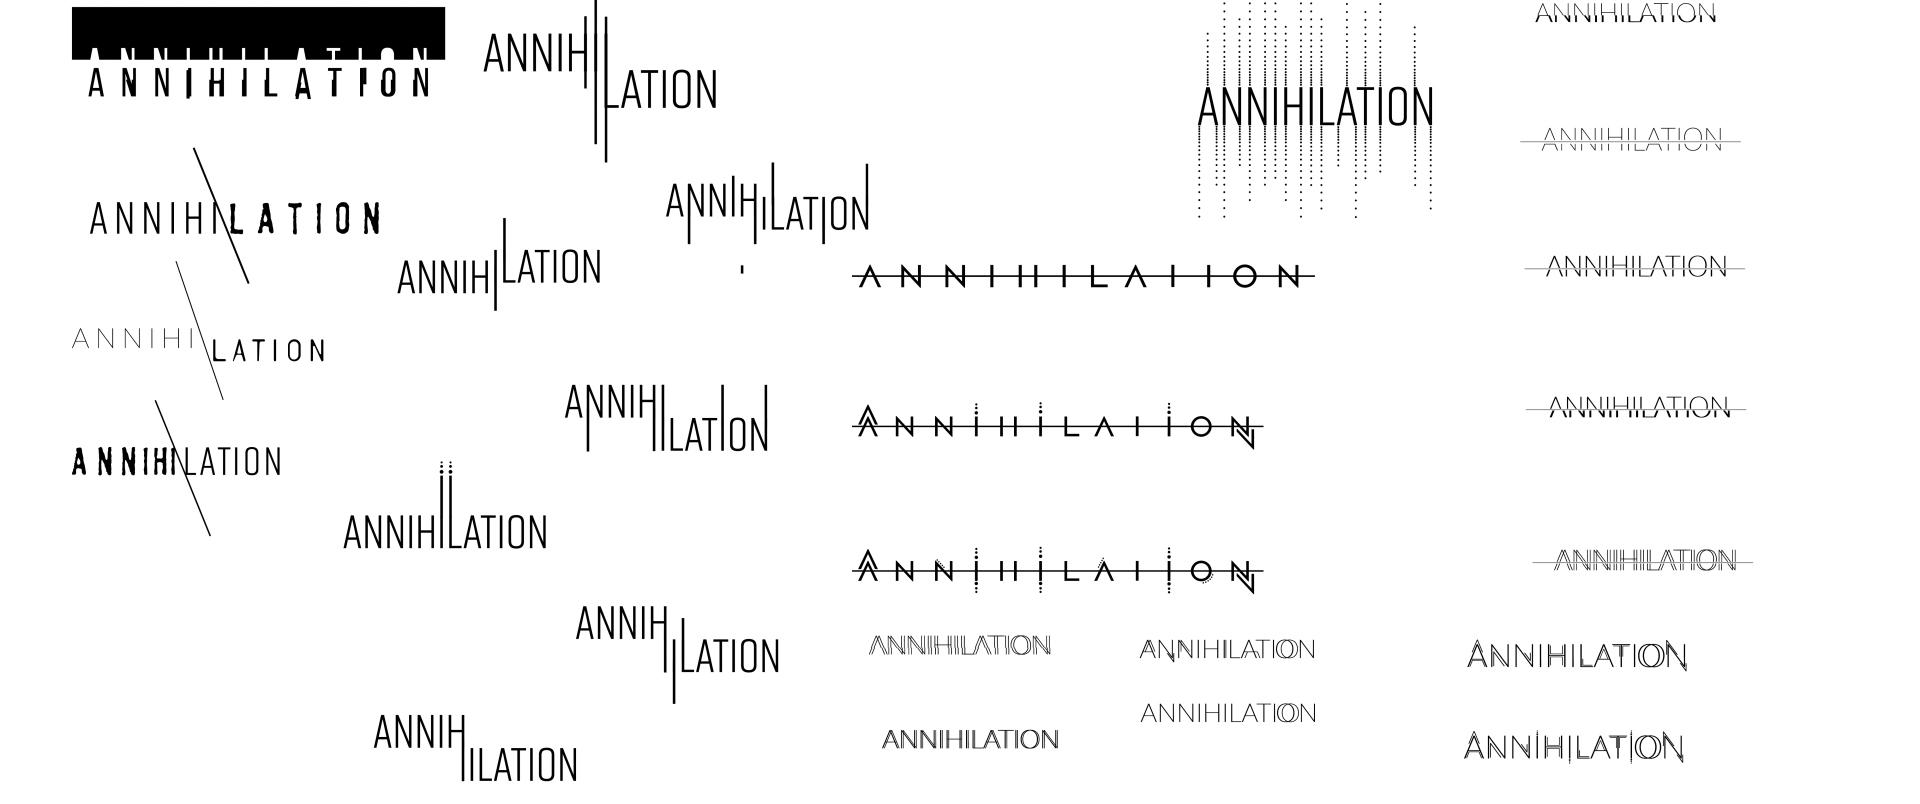 Annihilation_TypeProcess_02